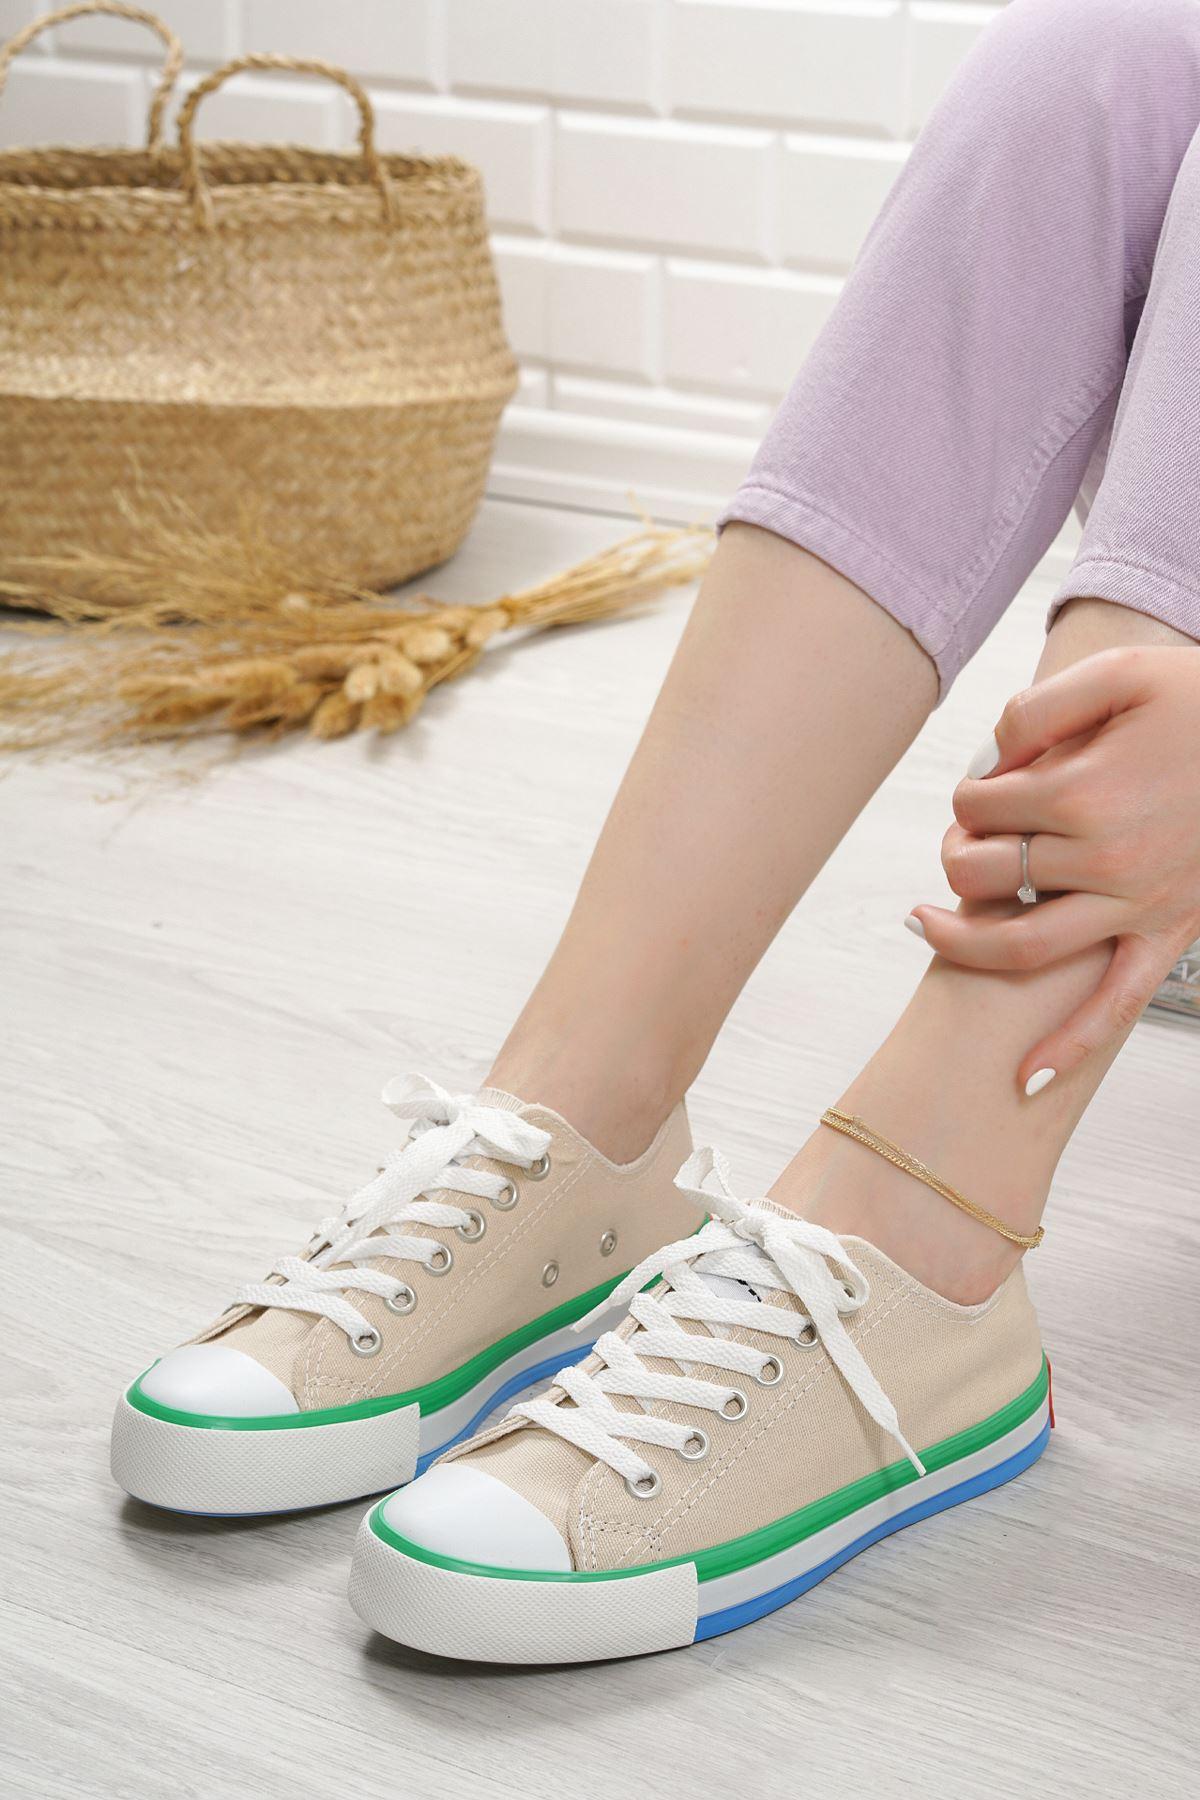 Primo Bej Keten Bağcıklı Kadın Spor Ayakkabı